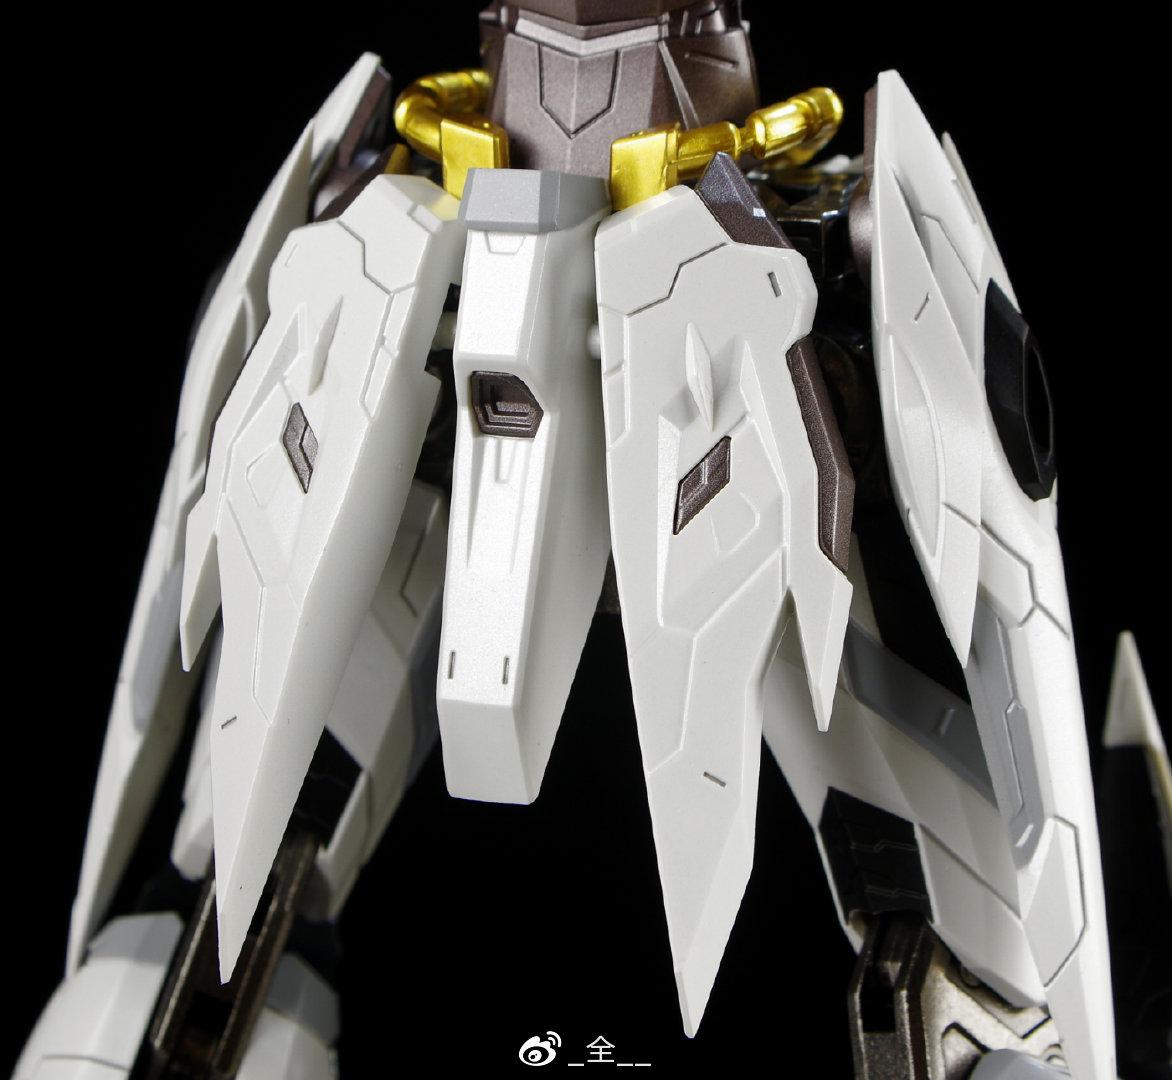 S318_MOTOR_NUCLEAR_055.jpg